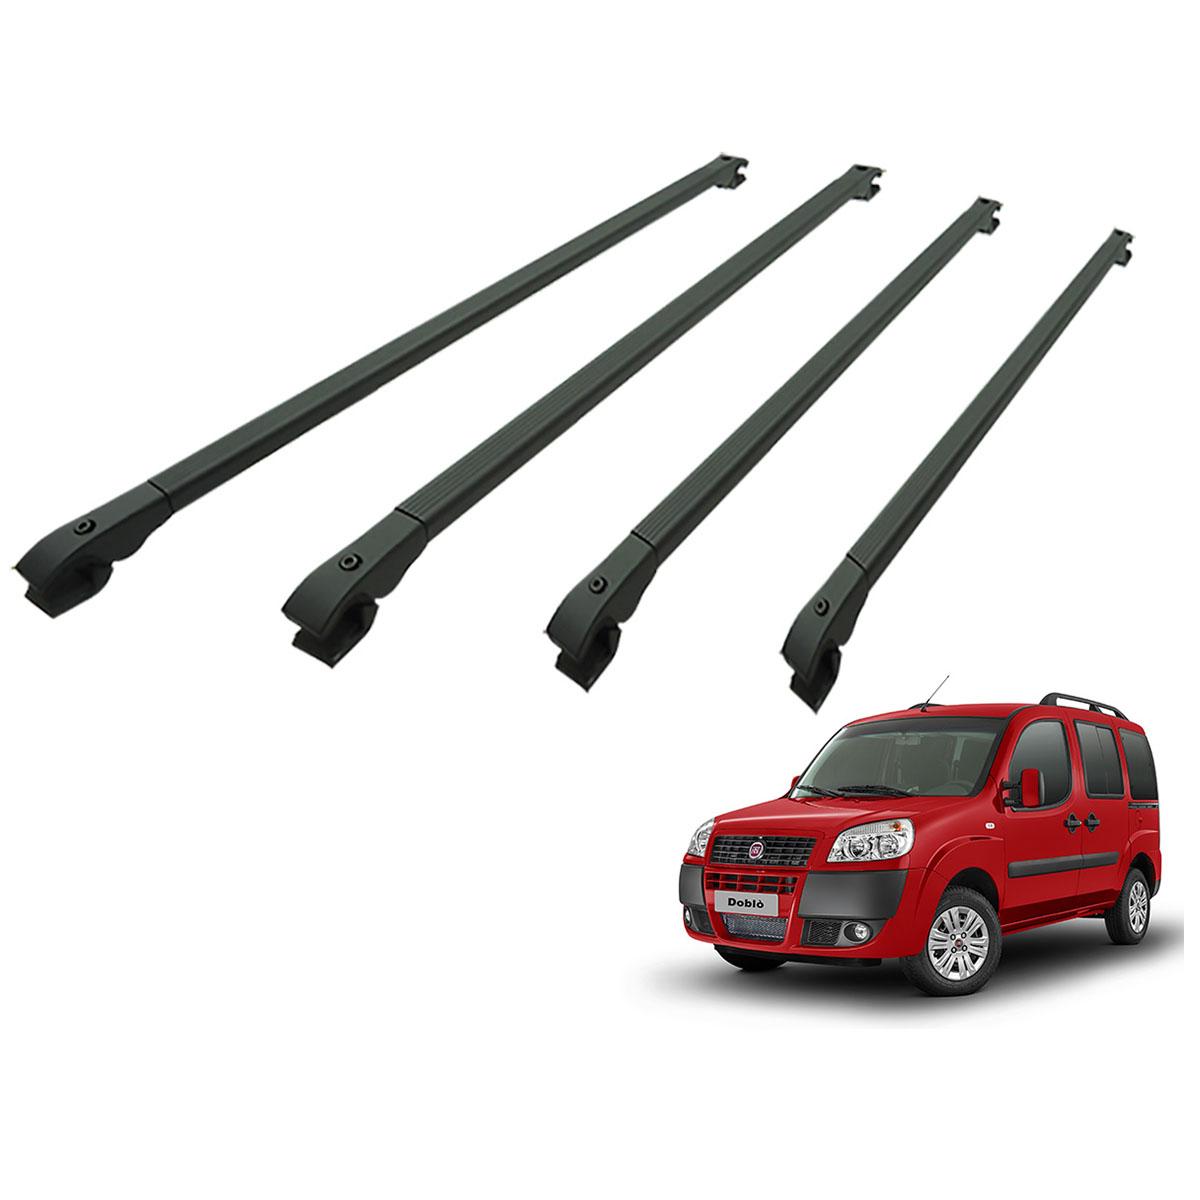 Travessa rack de teto alumínio preta Doblo 2002 a 2017 kit 4 peças